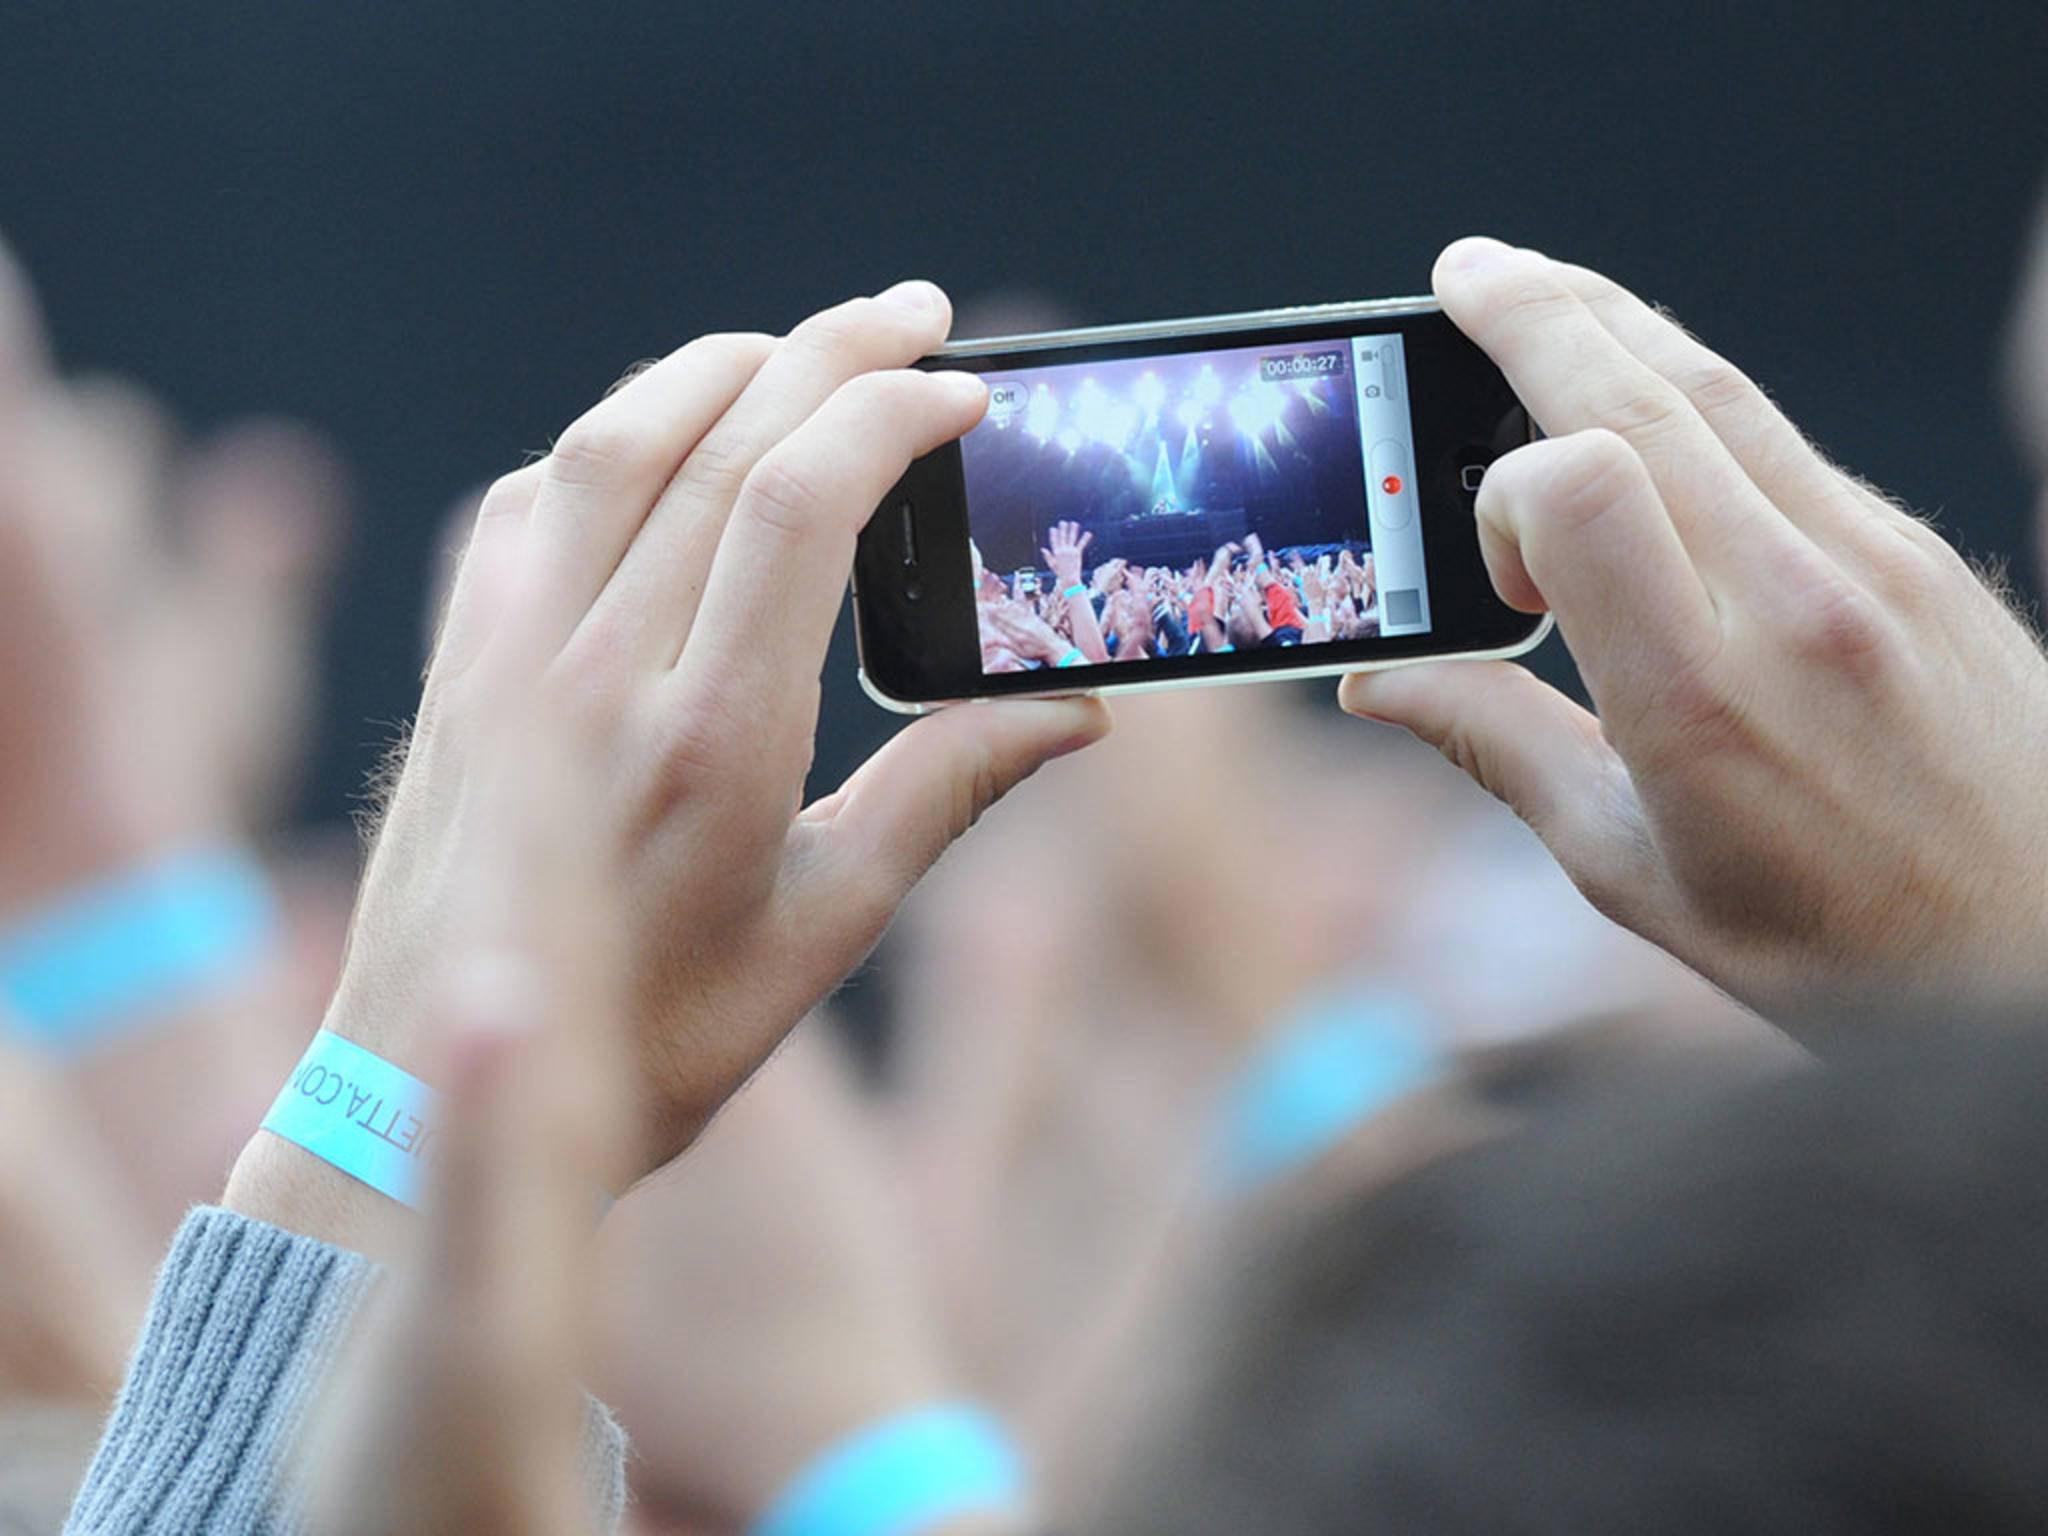 Wird Apple die Konzertfotografie künftig einschränken?